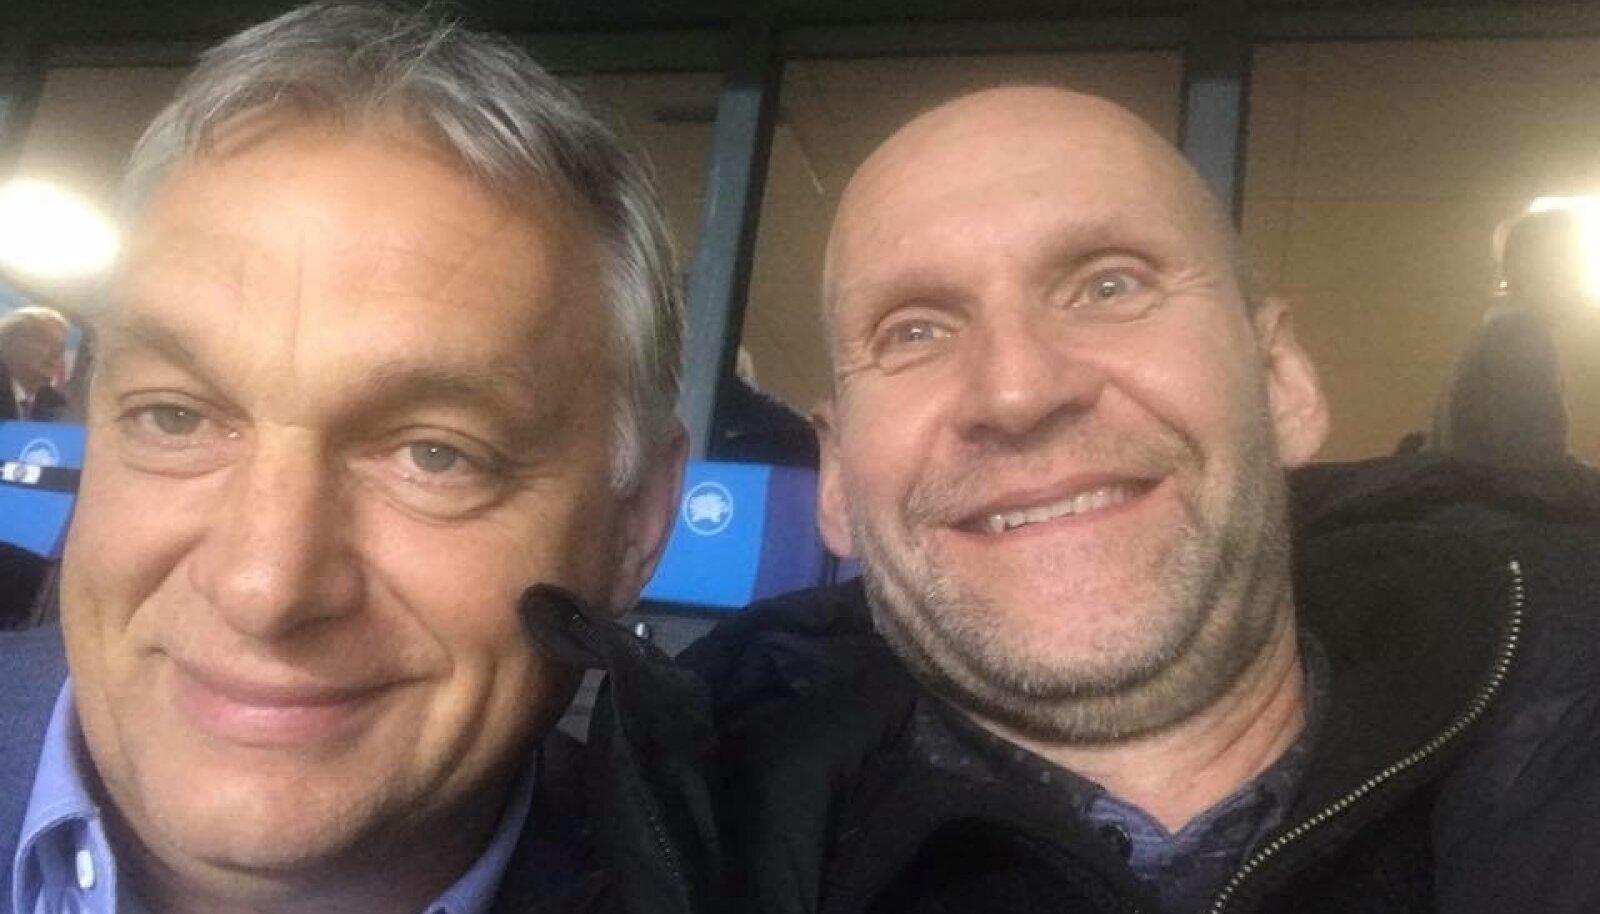 Ungari peaminister Viktor Orbán ja Isamaa esimees Helir-Valdor Seeder vaatavad Lilleküla staadionil Eesti-Ungari jalgpallimängu.